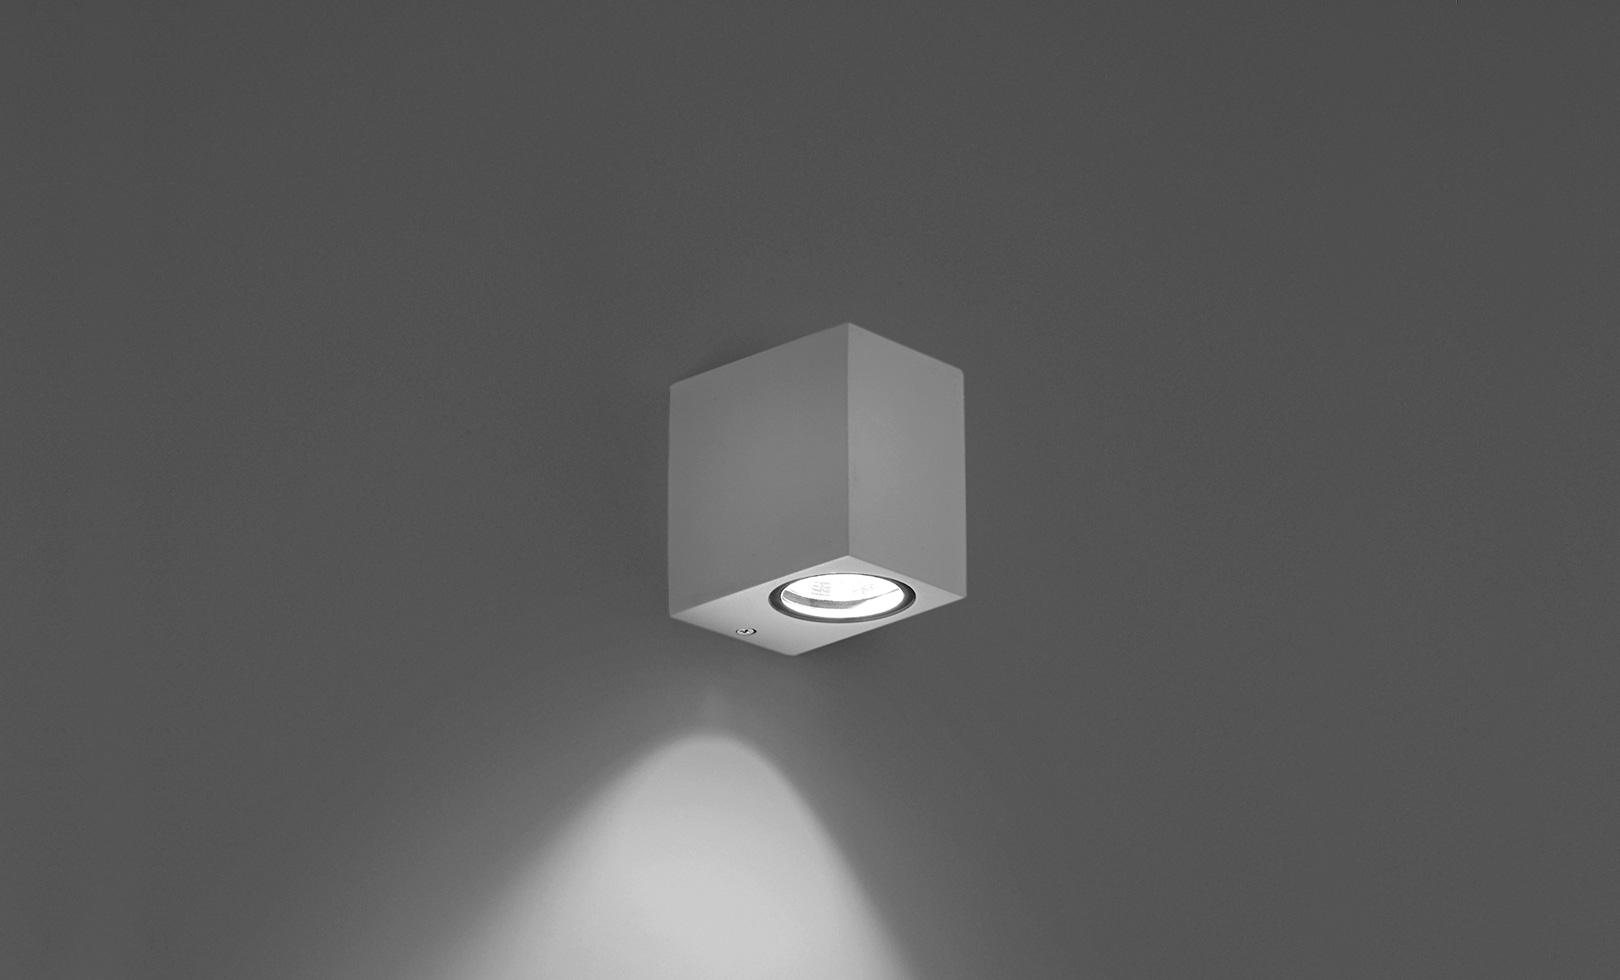 405004 HYDROLED 01 COB LED 9W 1